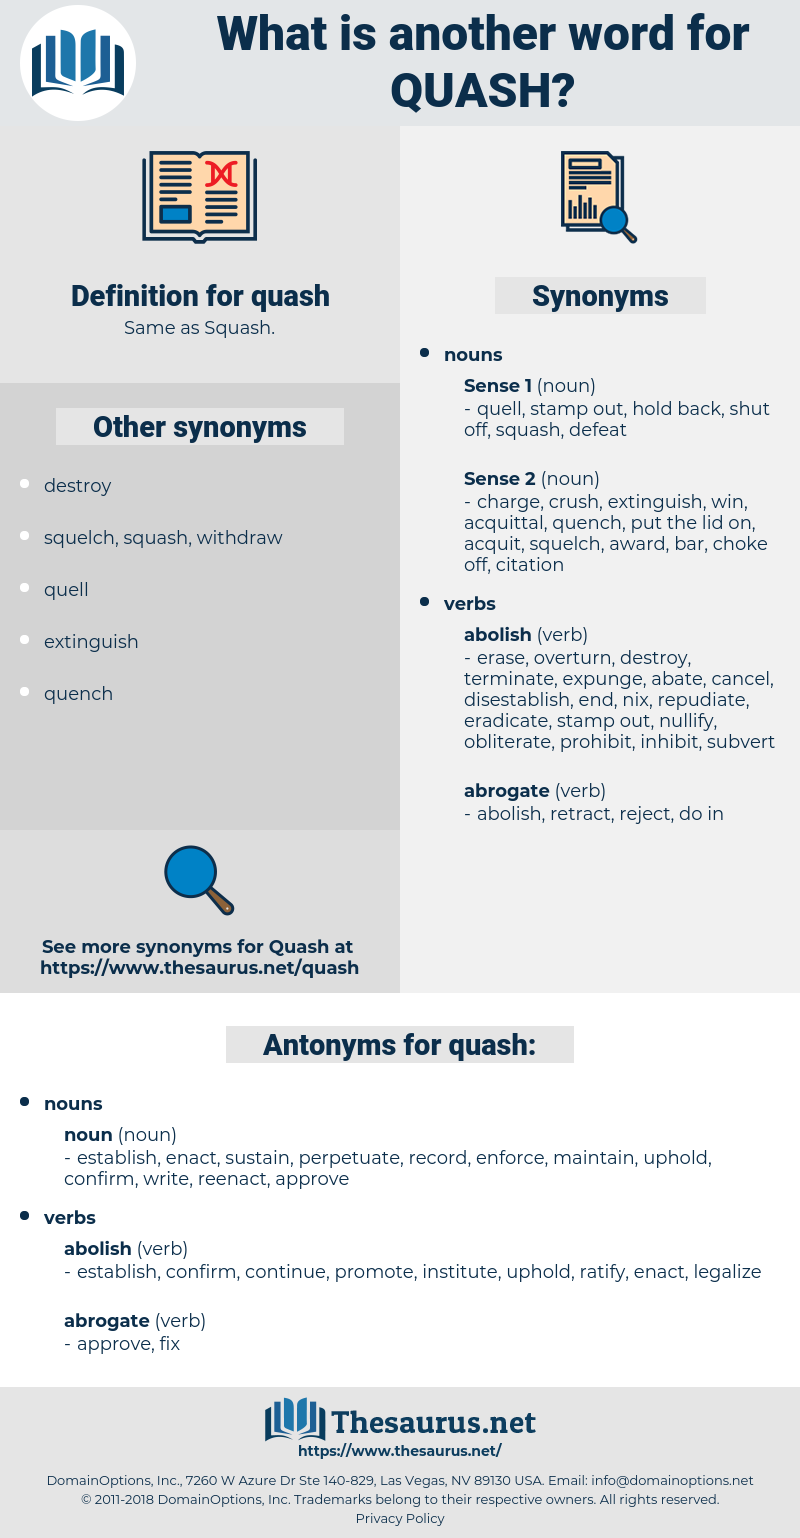 quash, synonym quash, another word for quash, words like quash, thesaurus quash